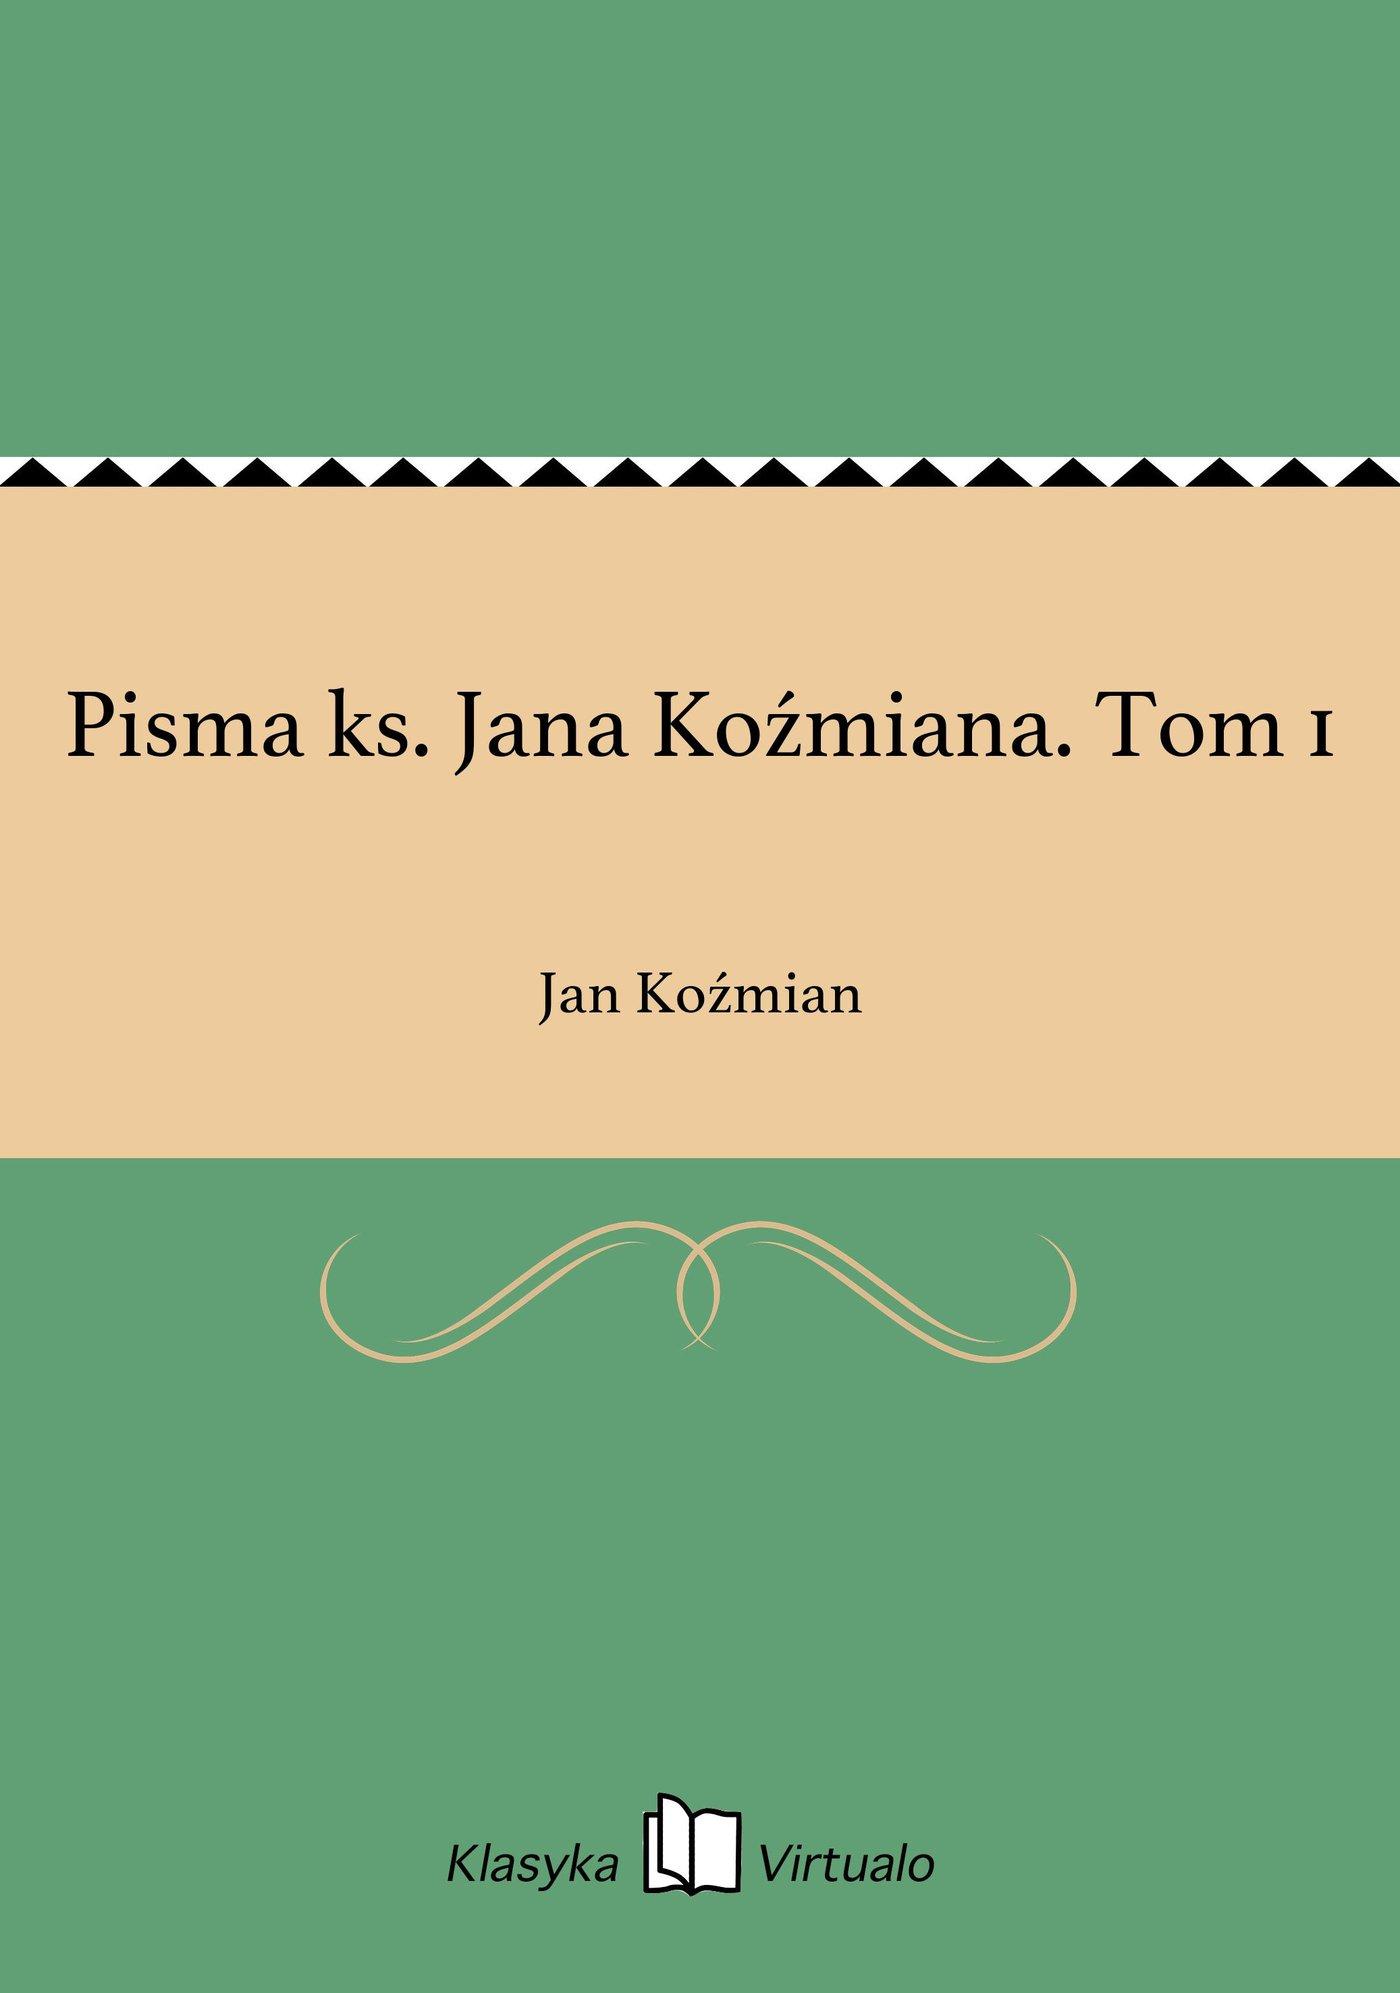 Pisma ks. Jana Koźmiana. Tom 1 - Ebook (Książka EPUB) do pobrania w formacie EPUB